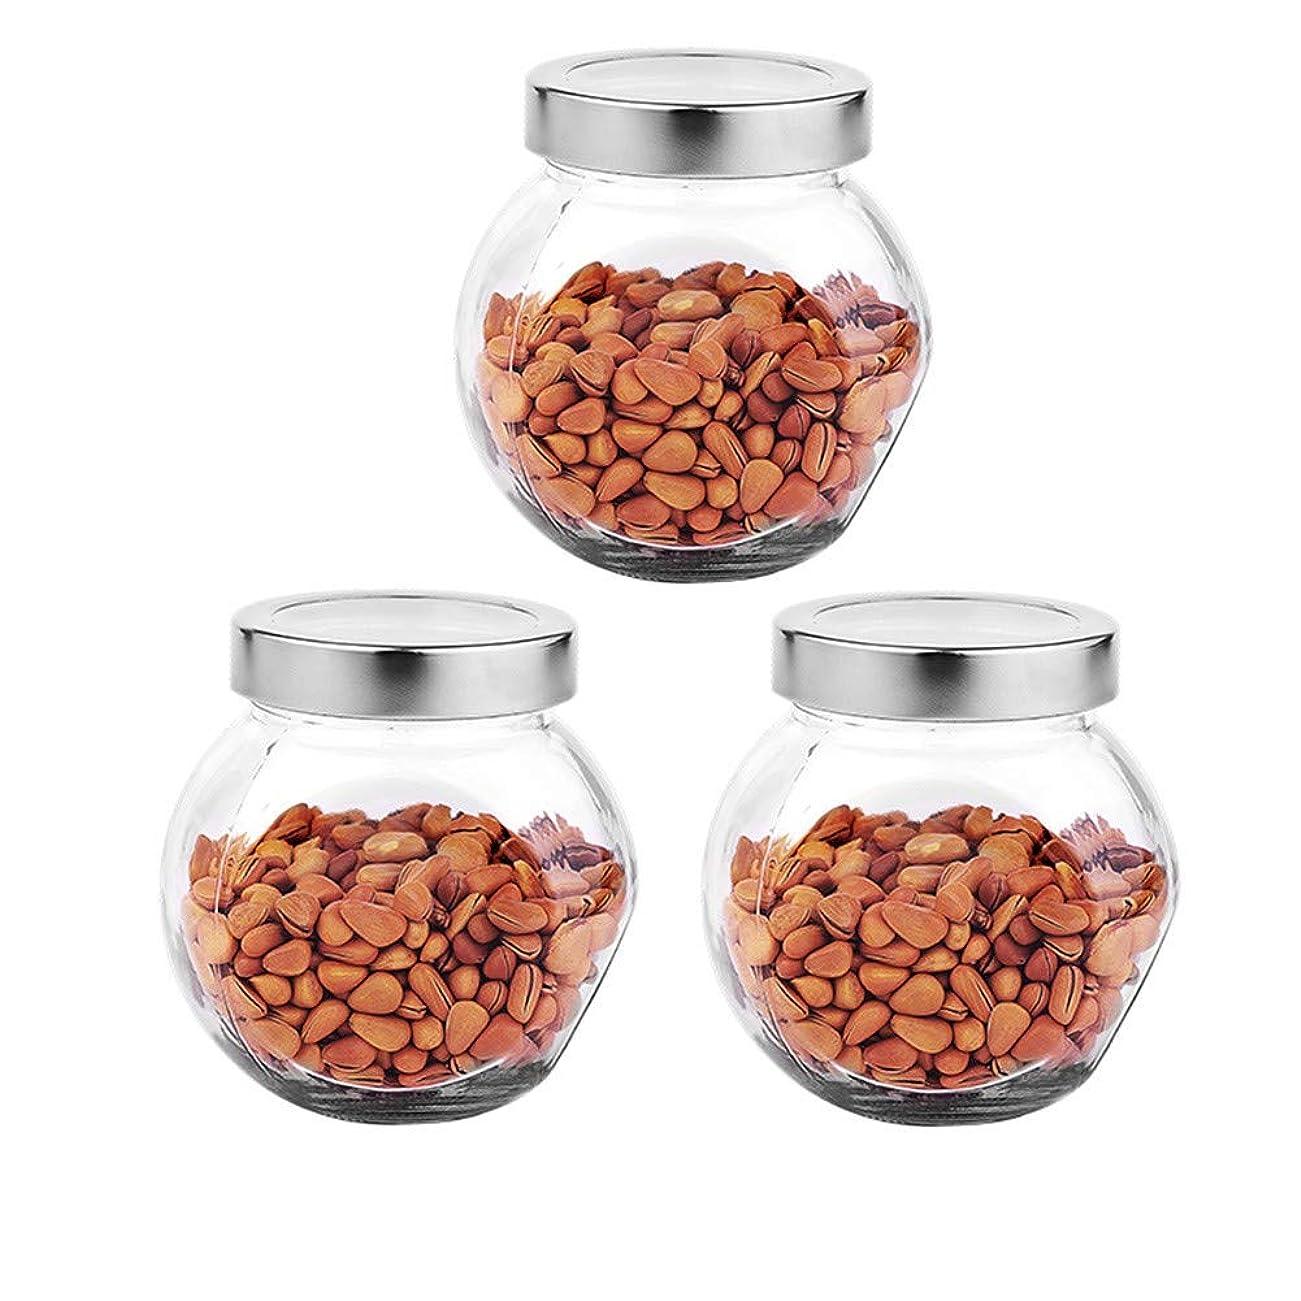 洗う拷問建てる3つの透明ガラス貯蔵容器茶/季節密封缶の貯蔵ジャーパック(450 ml)